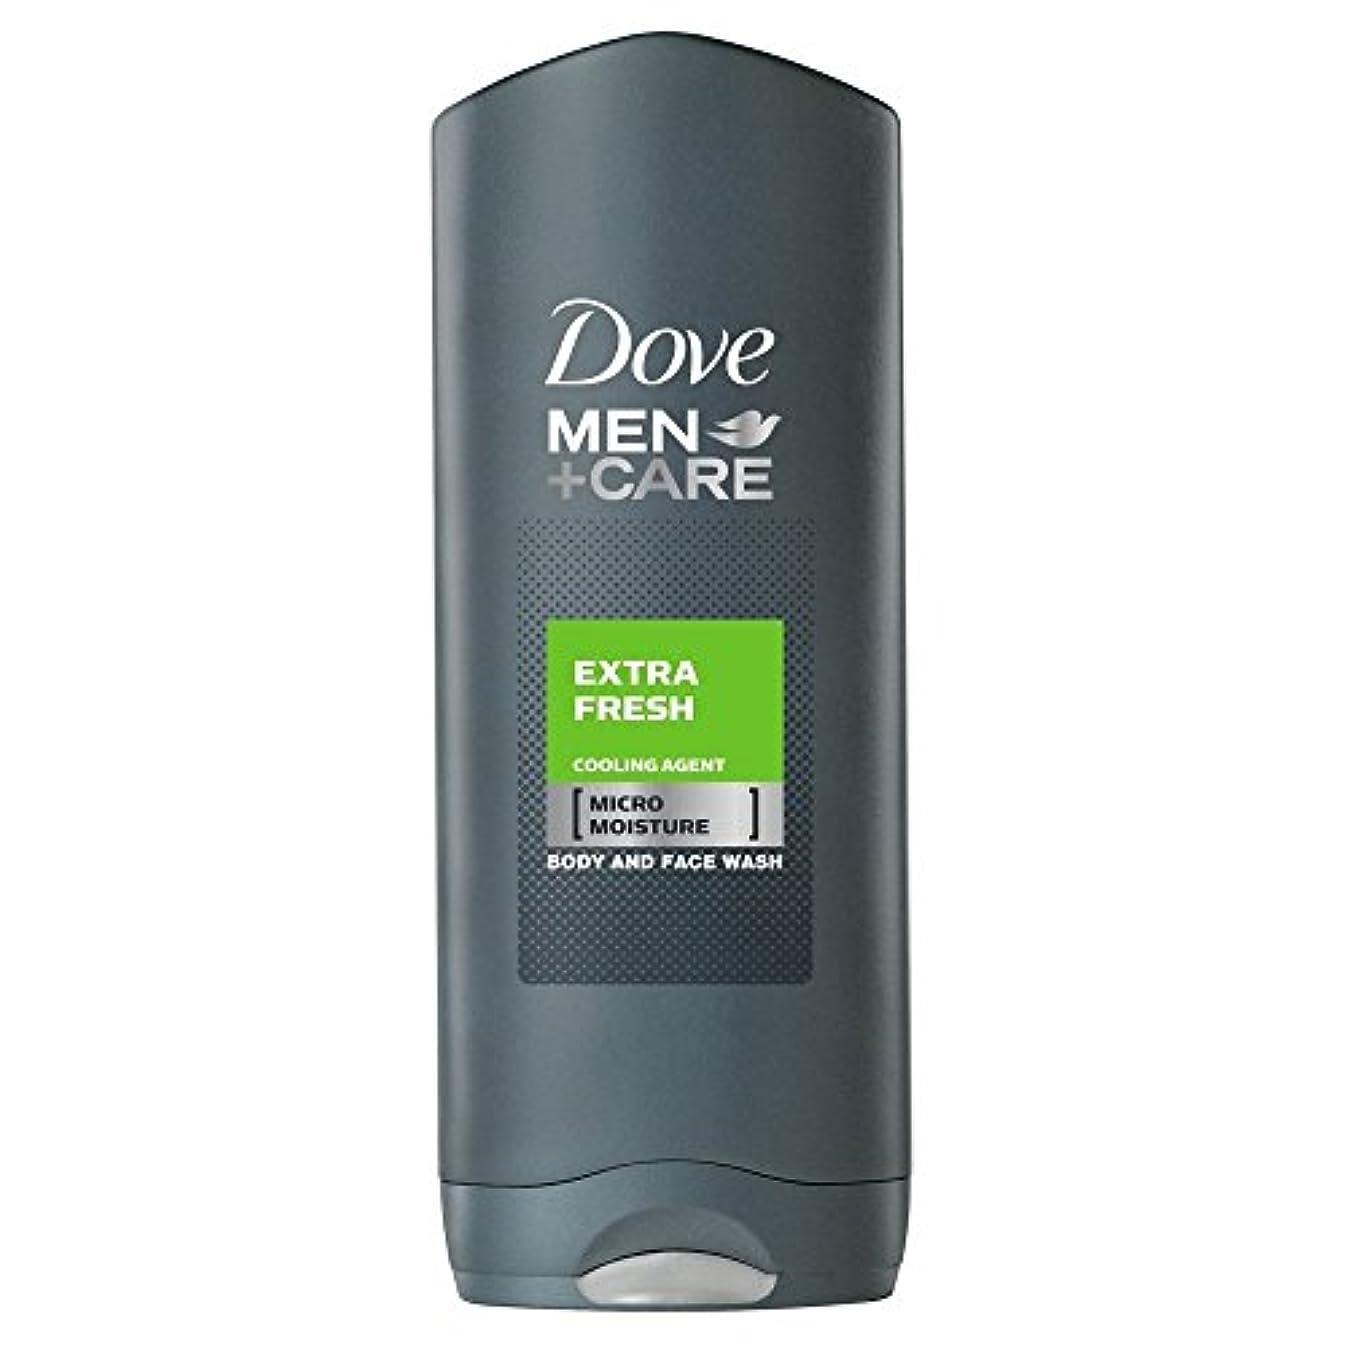 ビジター鷲の中でDove Men + Care Body & Face Wash - Extra Fresh (250ml) 鳩の男性は+ボディと洗顔ケア - 余分な新鮮な( 250ミリリットル)を [並行輸入品]